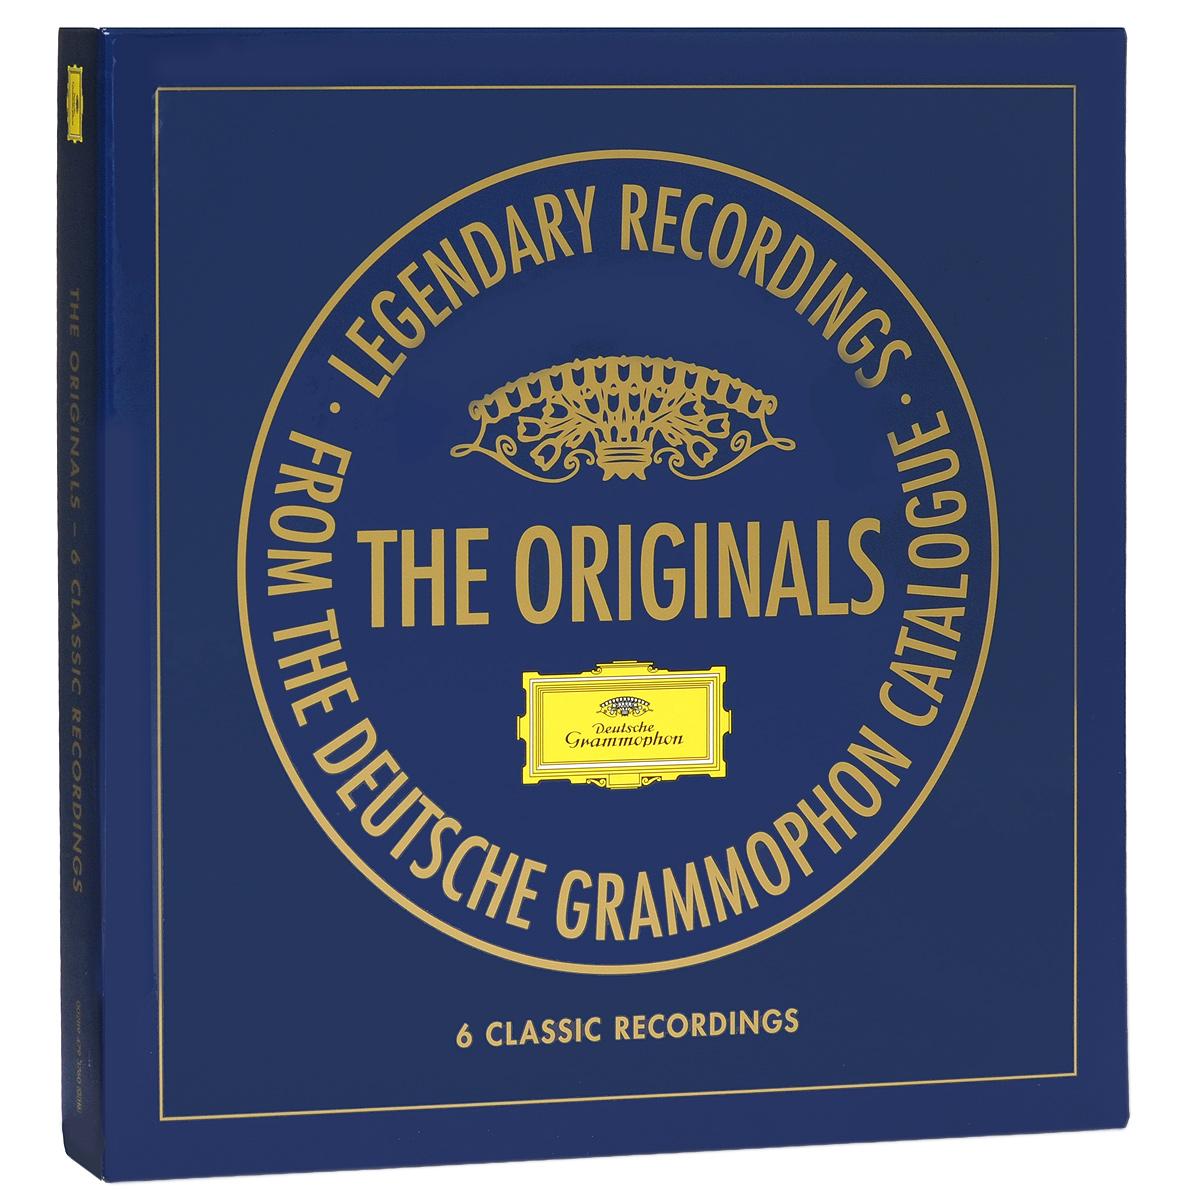 The Originals. 6 Classic Recordings (6 LP)